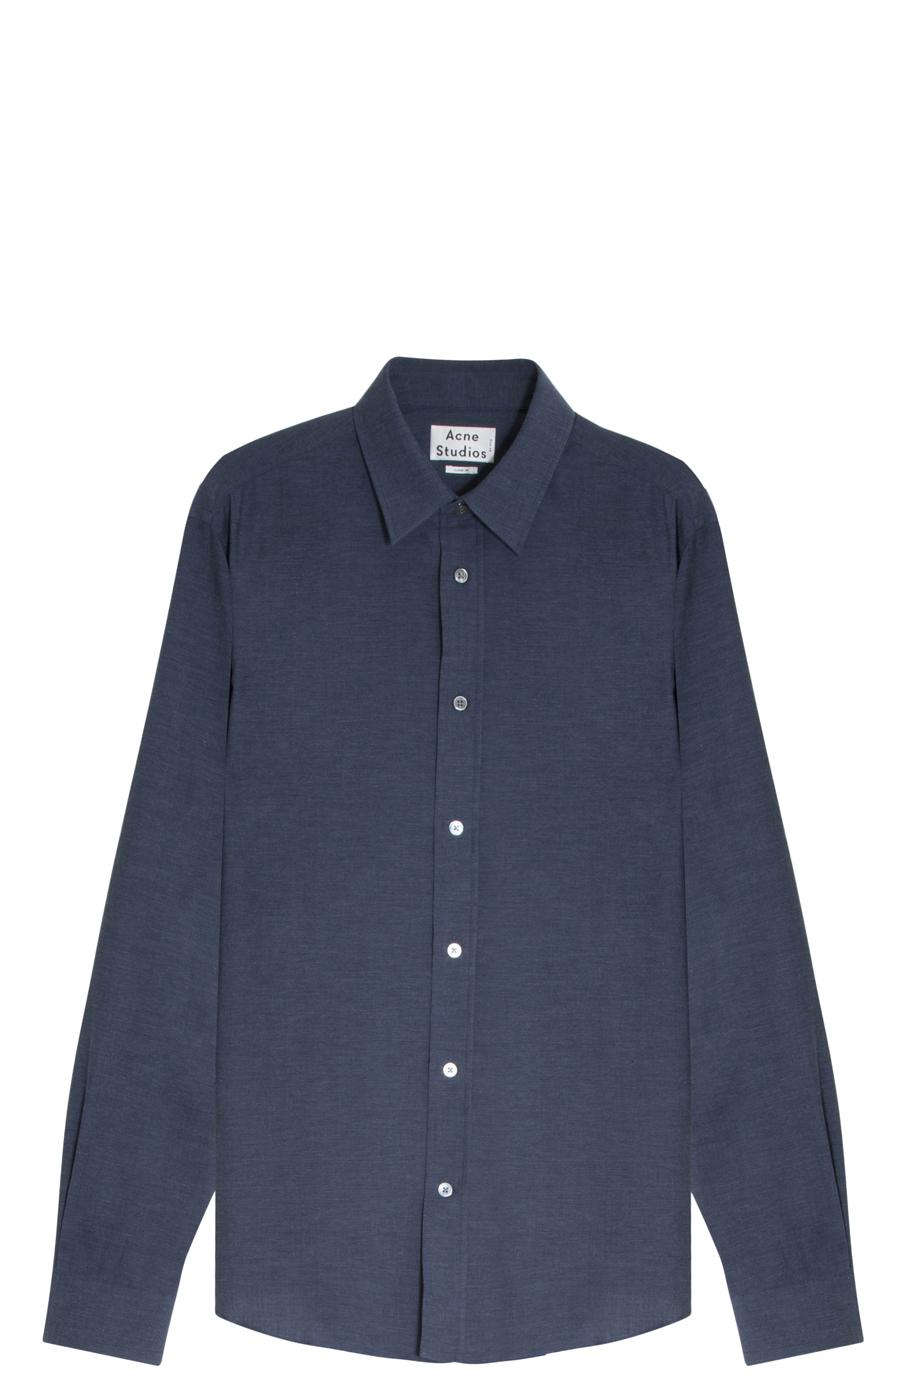 Lyst Acne Studios Jeffery Shirt In Blue For Men